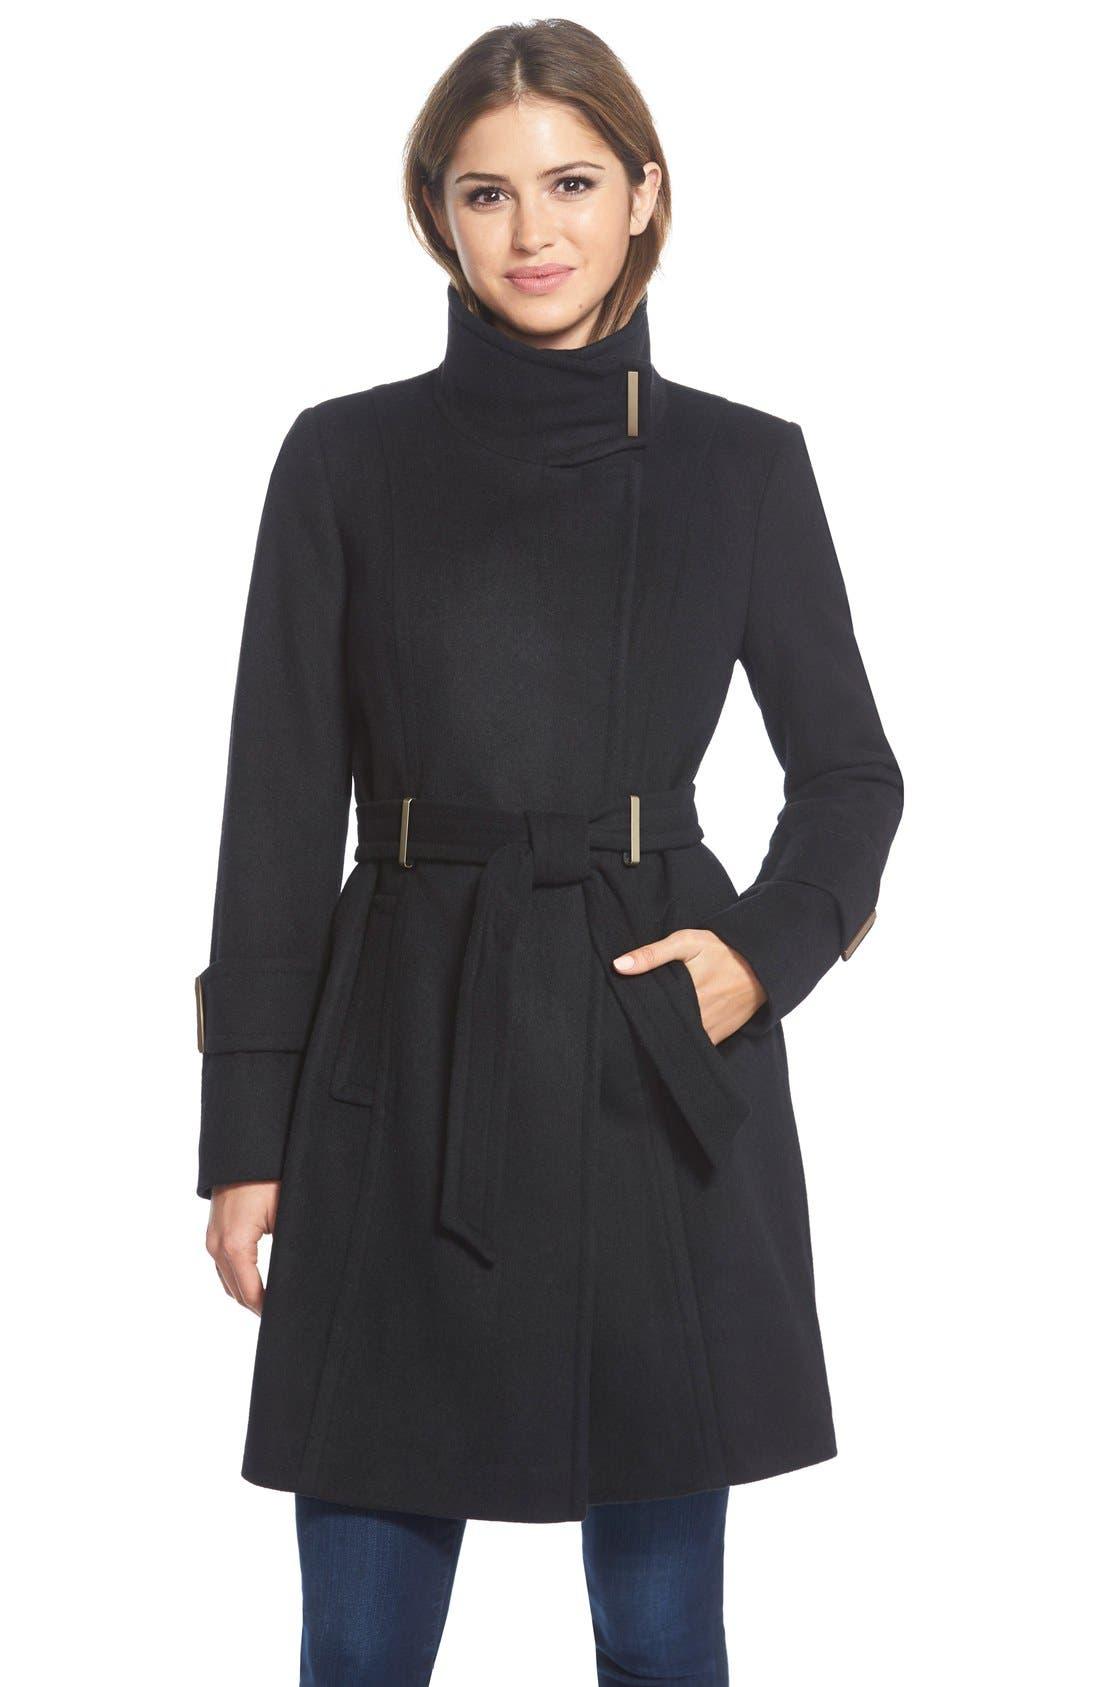 Main Image - T Tahari'India' Wool Blend Wrap Coat